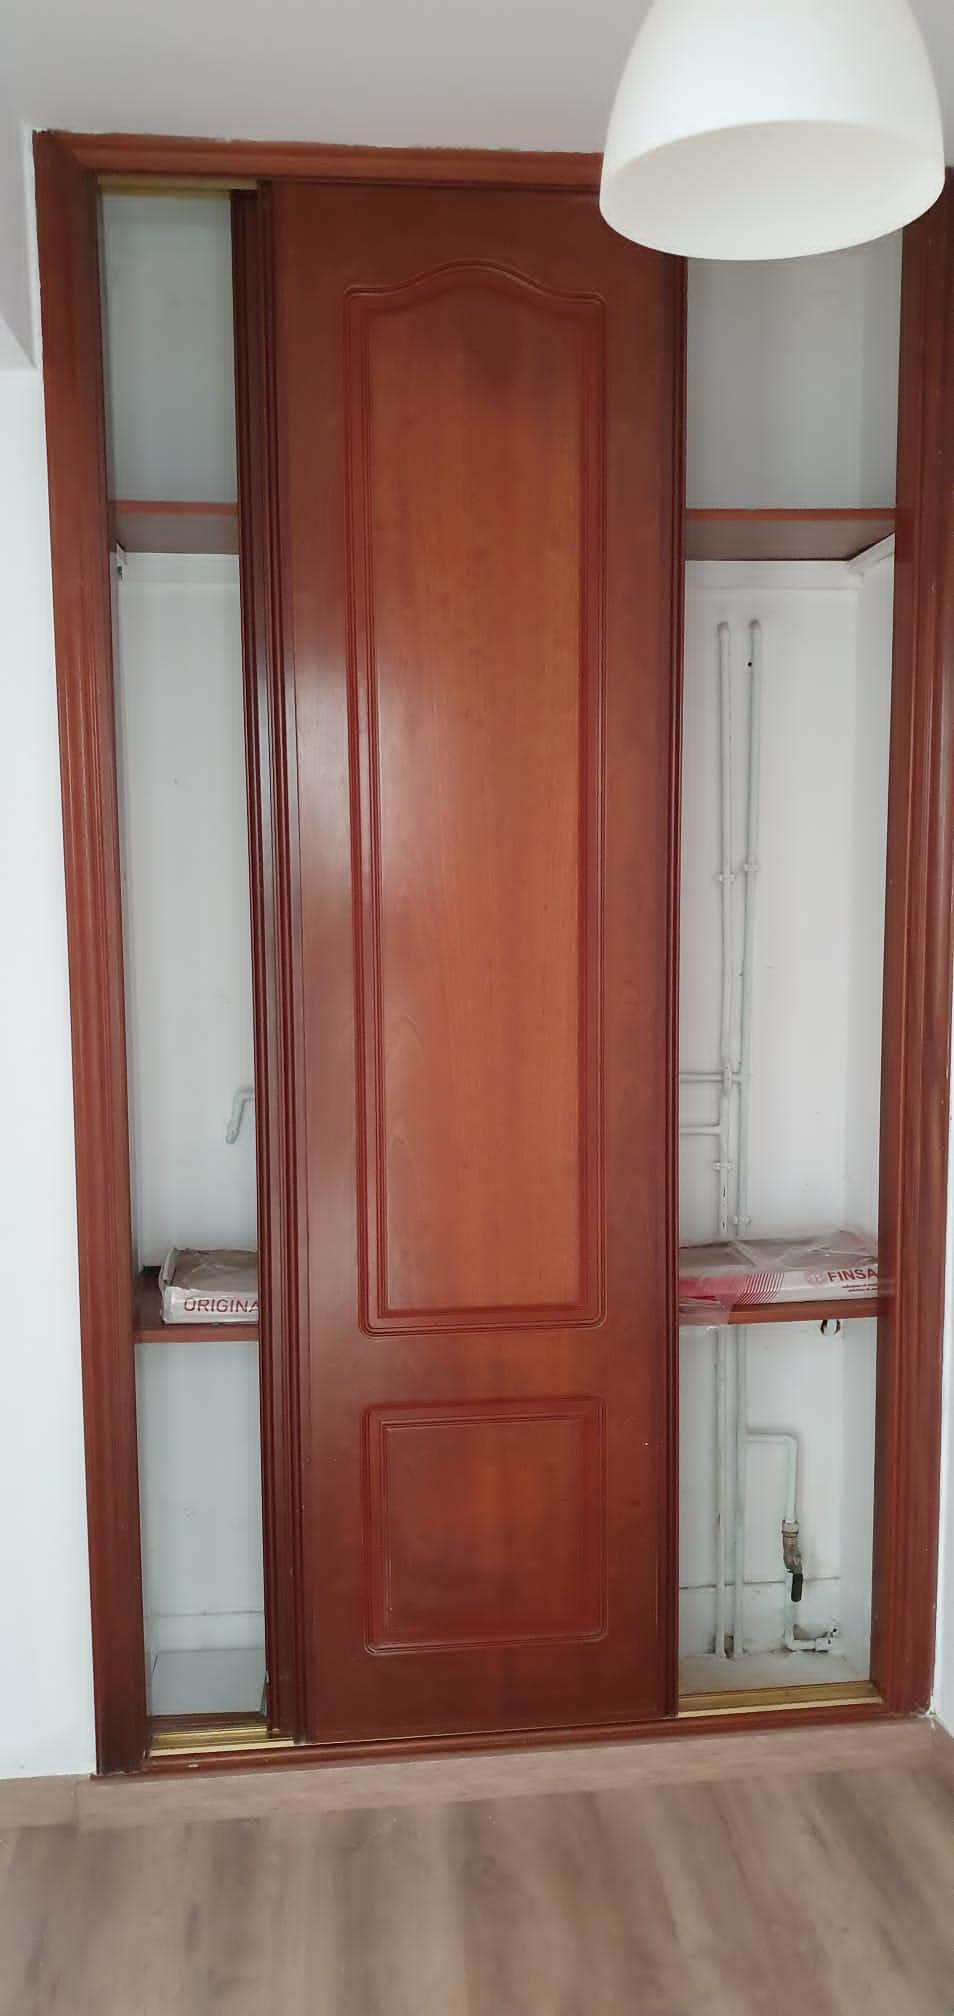 Imagen 3 Apartamento en venta en Coruña A / Oportunidad para inversión alta rentabilidad